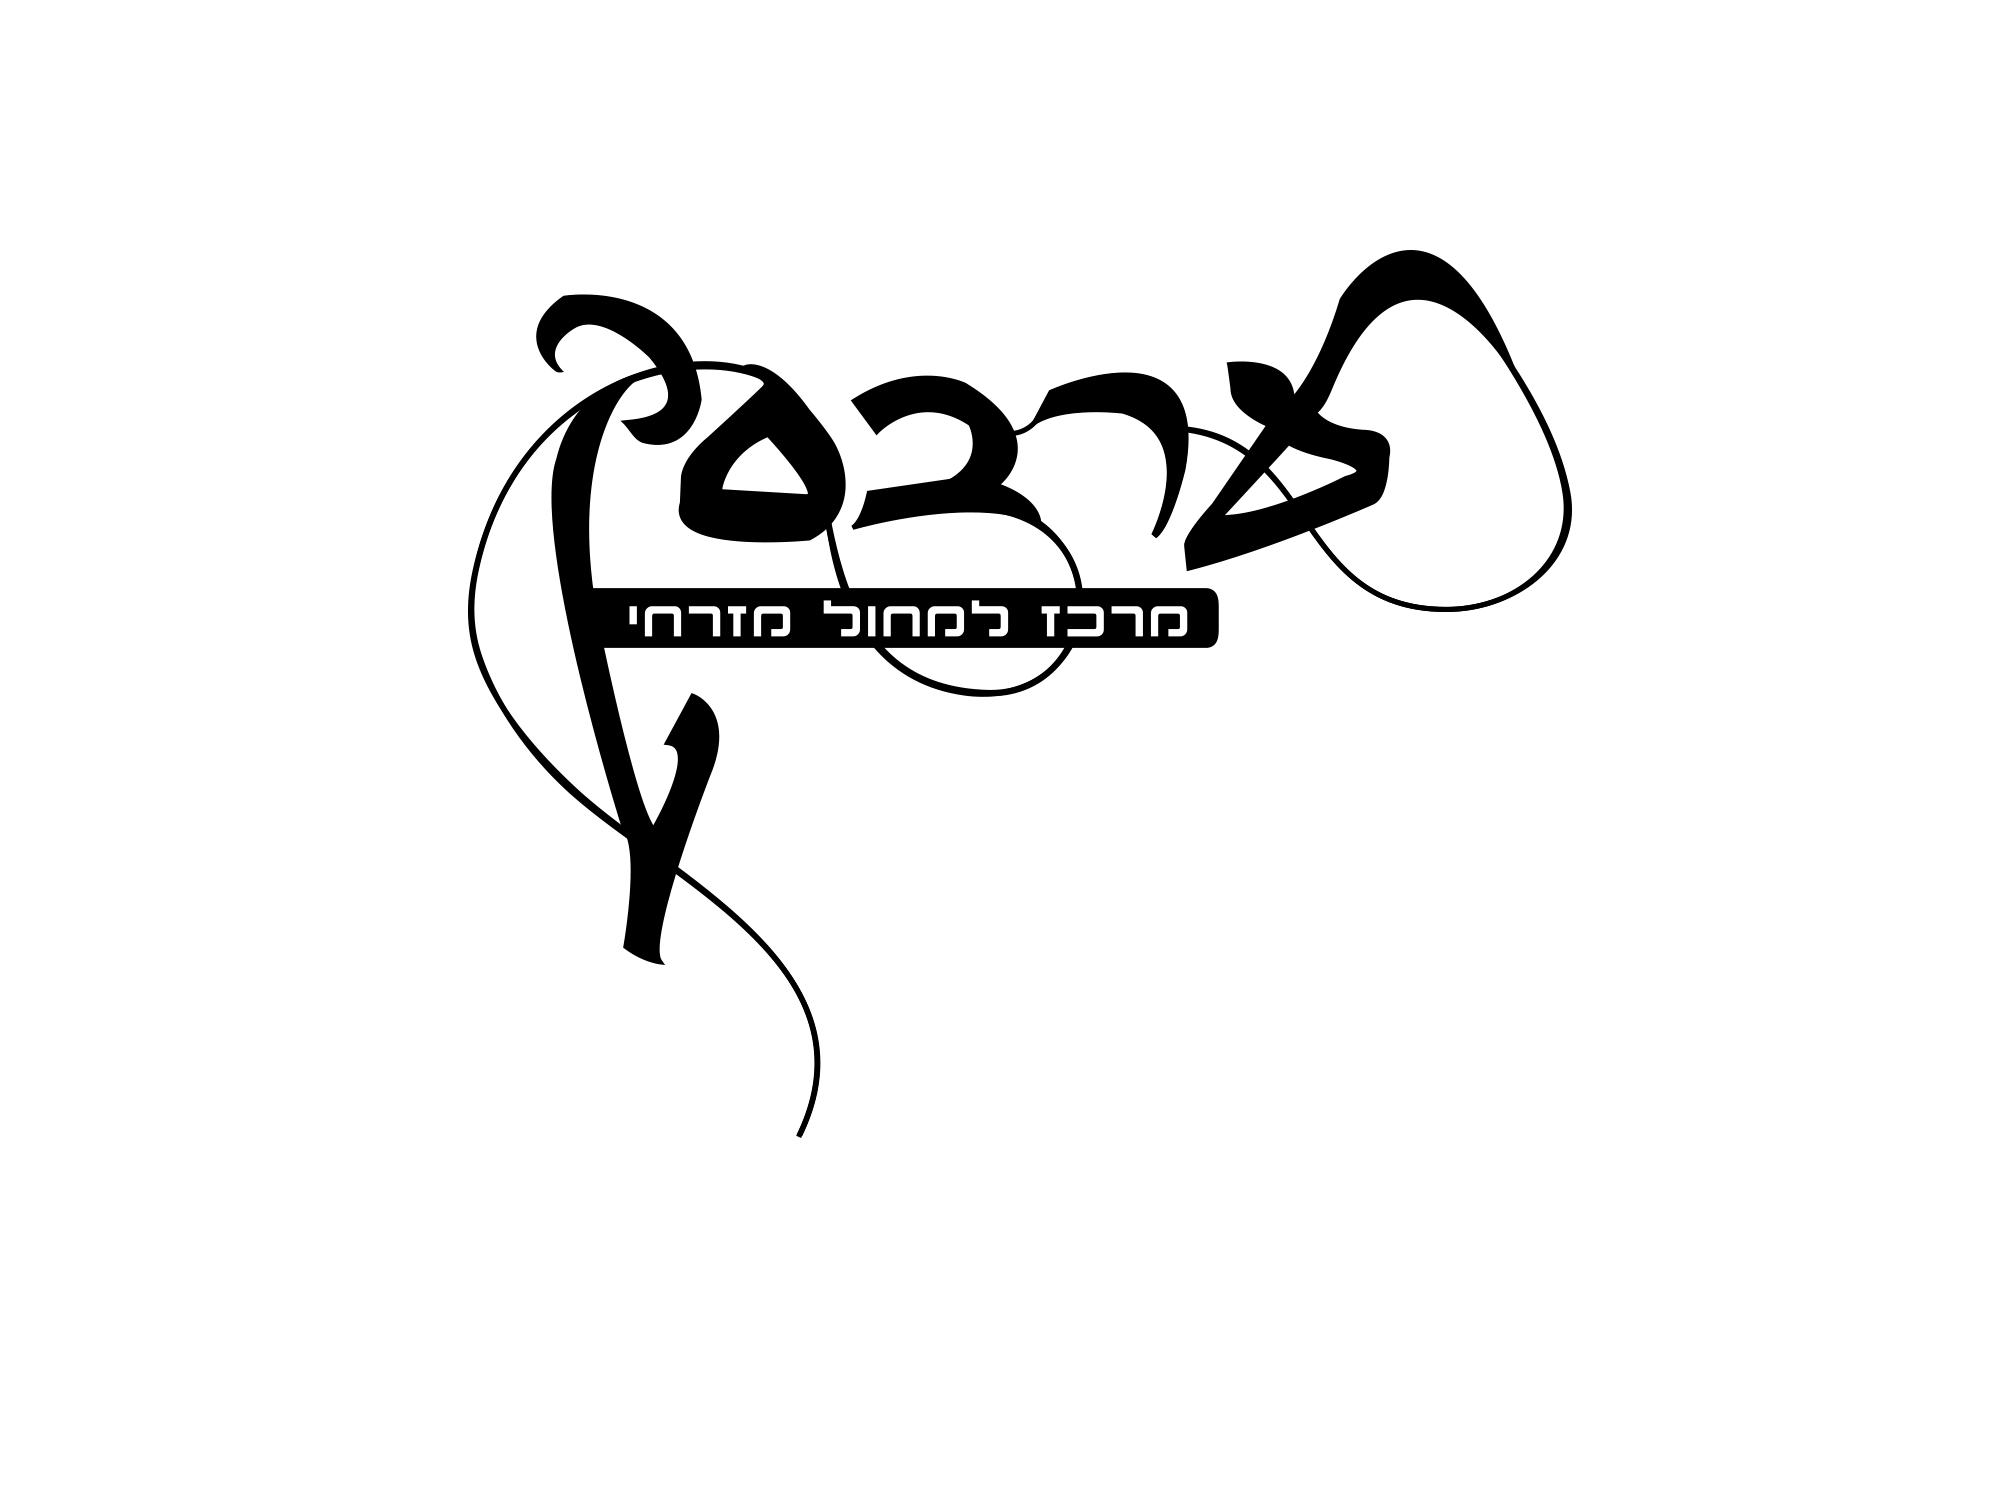 לוגו ל'ערבסק' מרכז למחול מזרחי